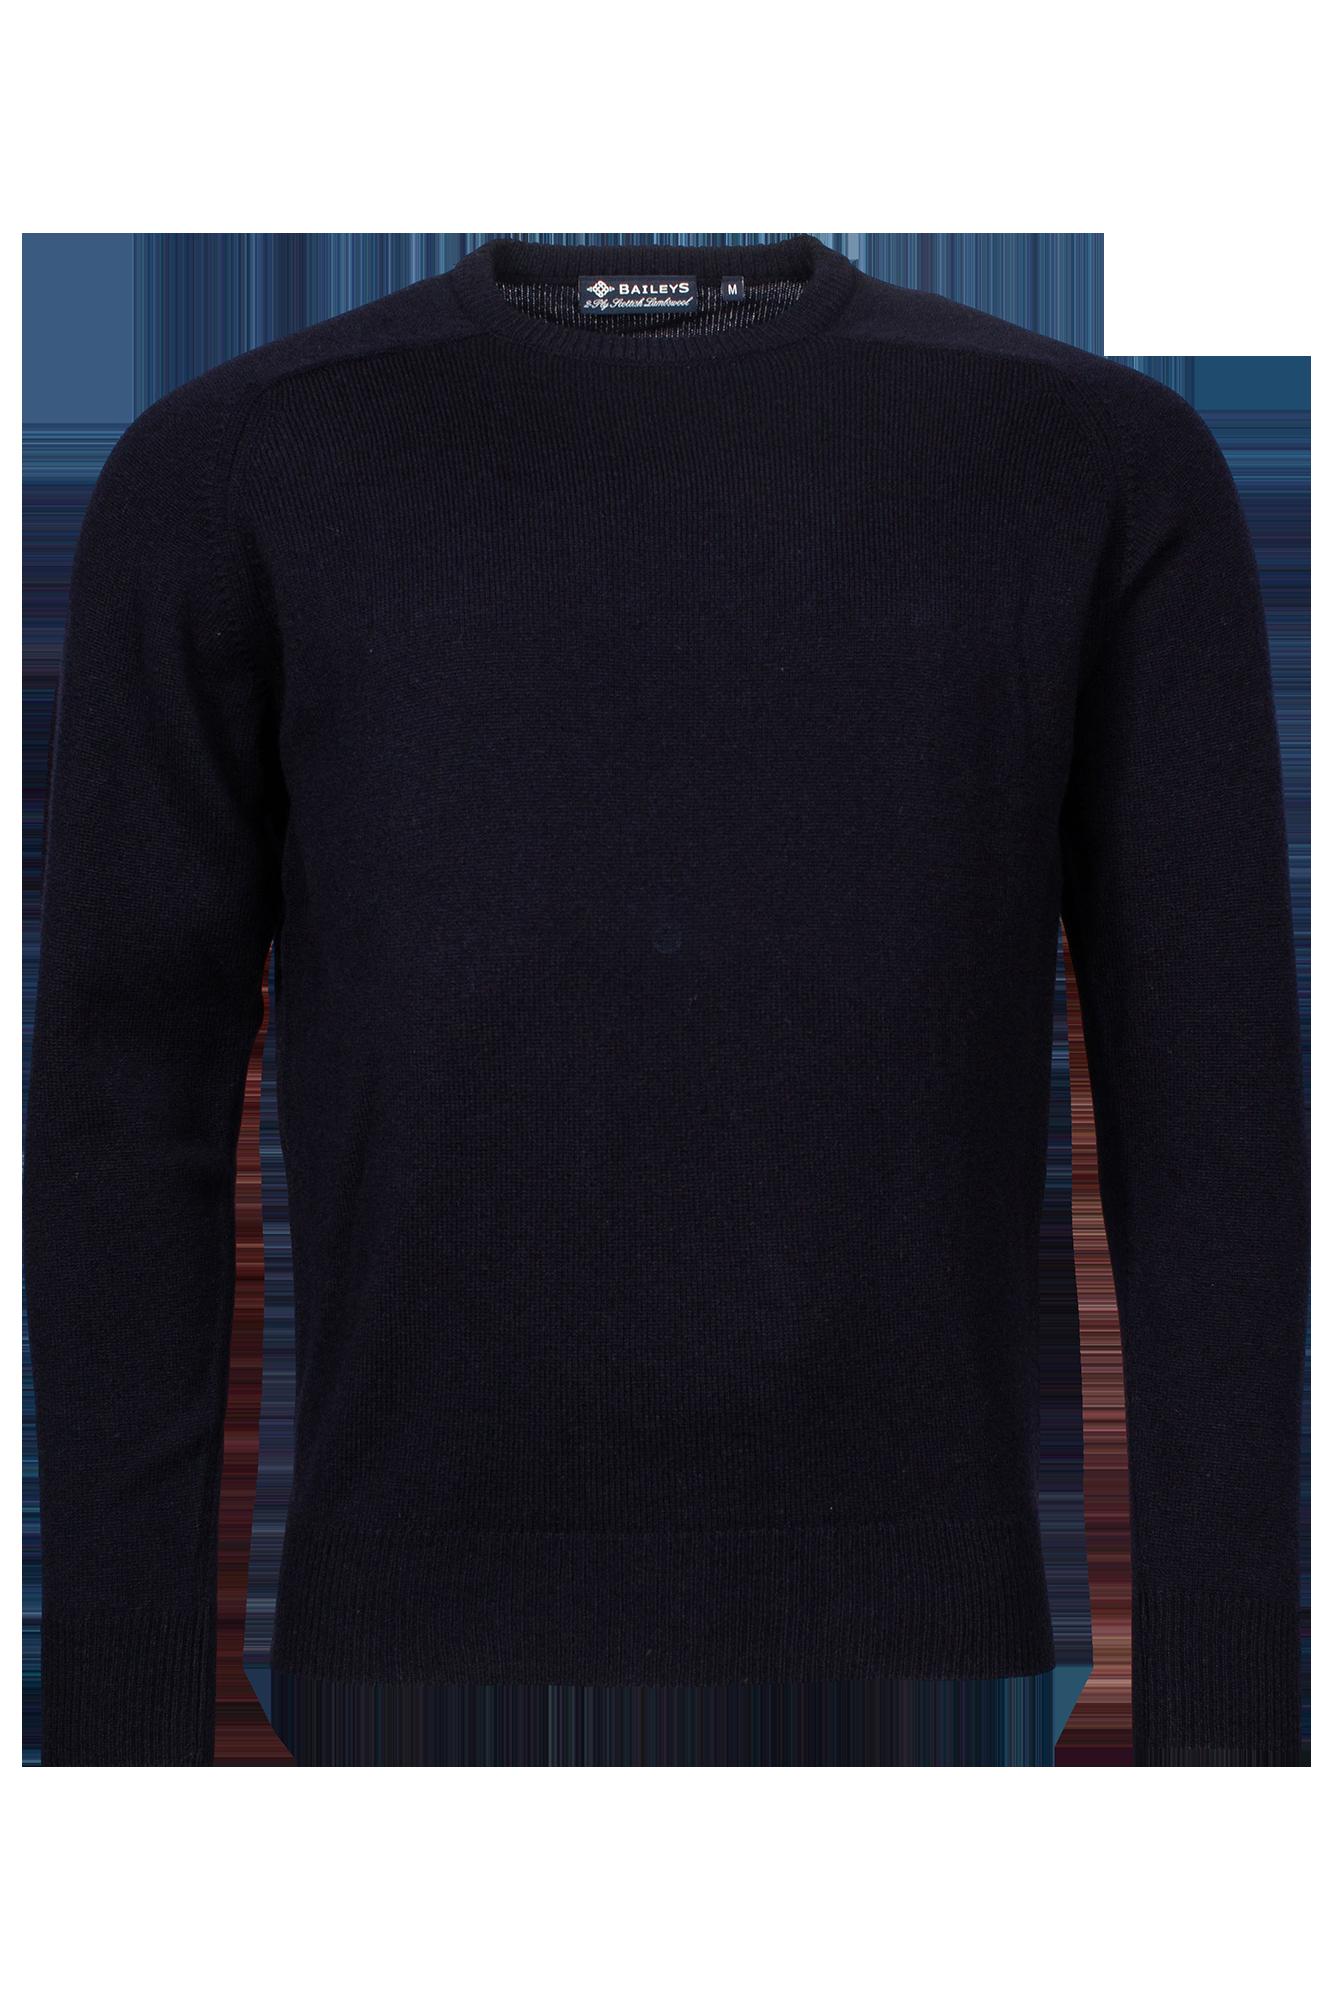 Baileys lamswollen pullover, ronde hals, donkerblauw